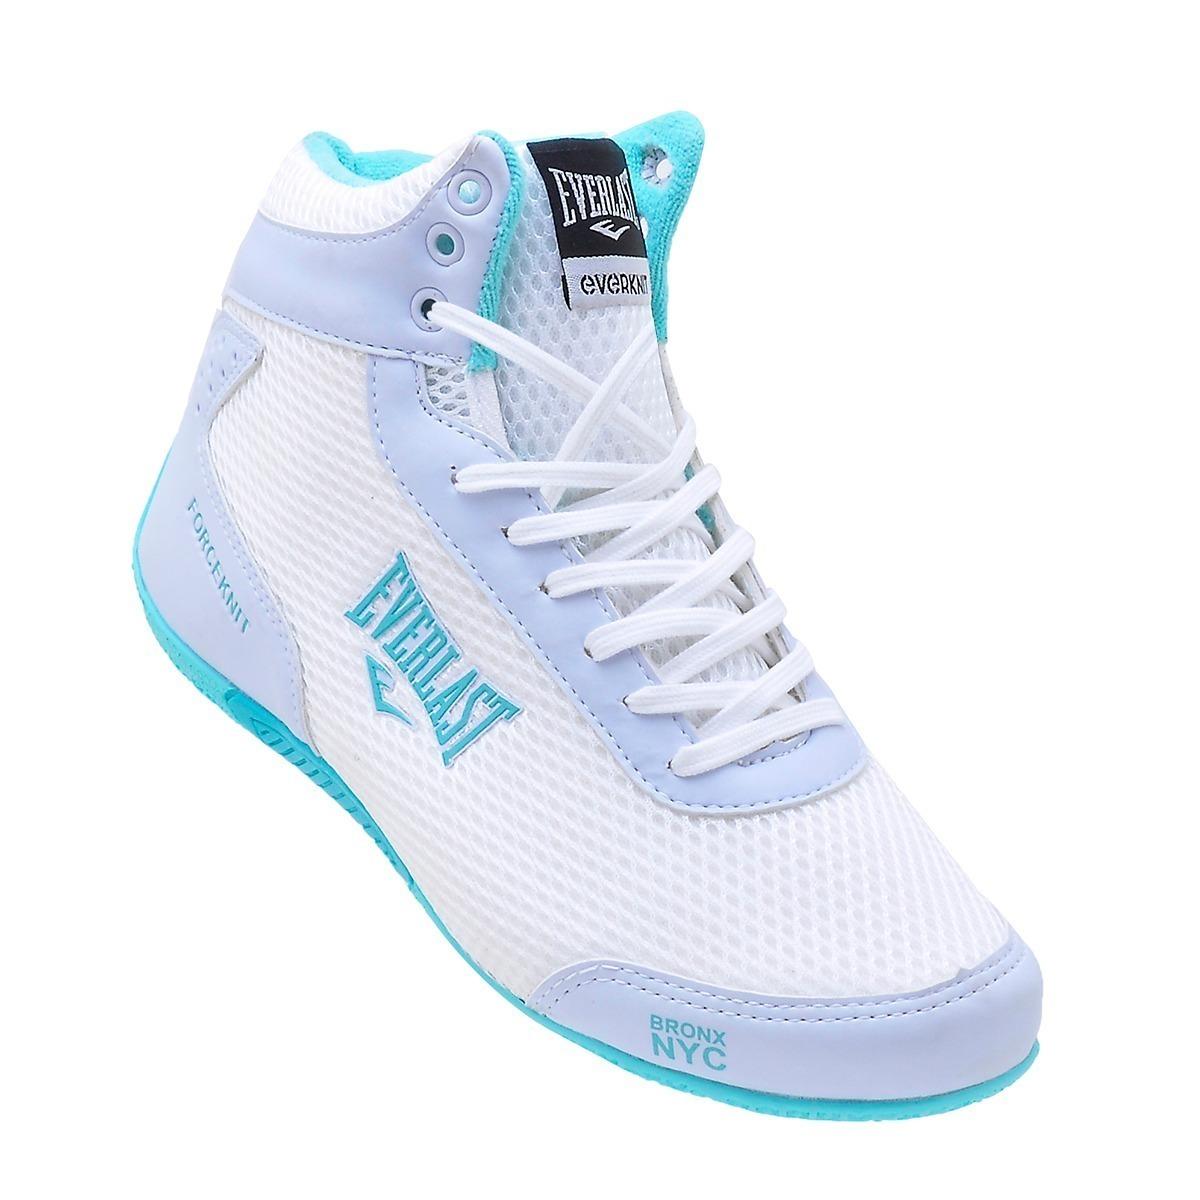 0b3e26f82fa botinha sapatilha bota tenis academia everlast forceknit. Carregando zoom.